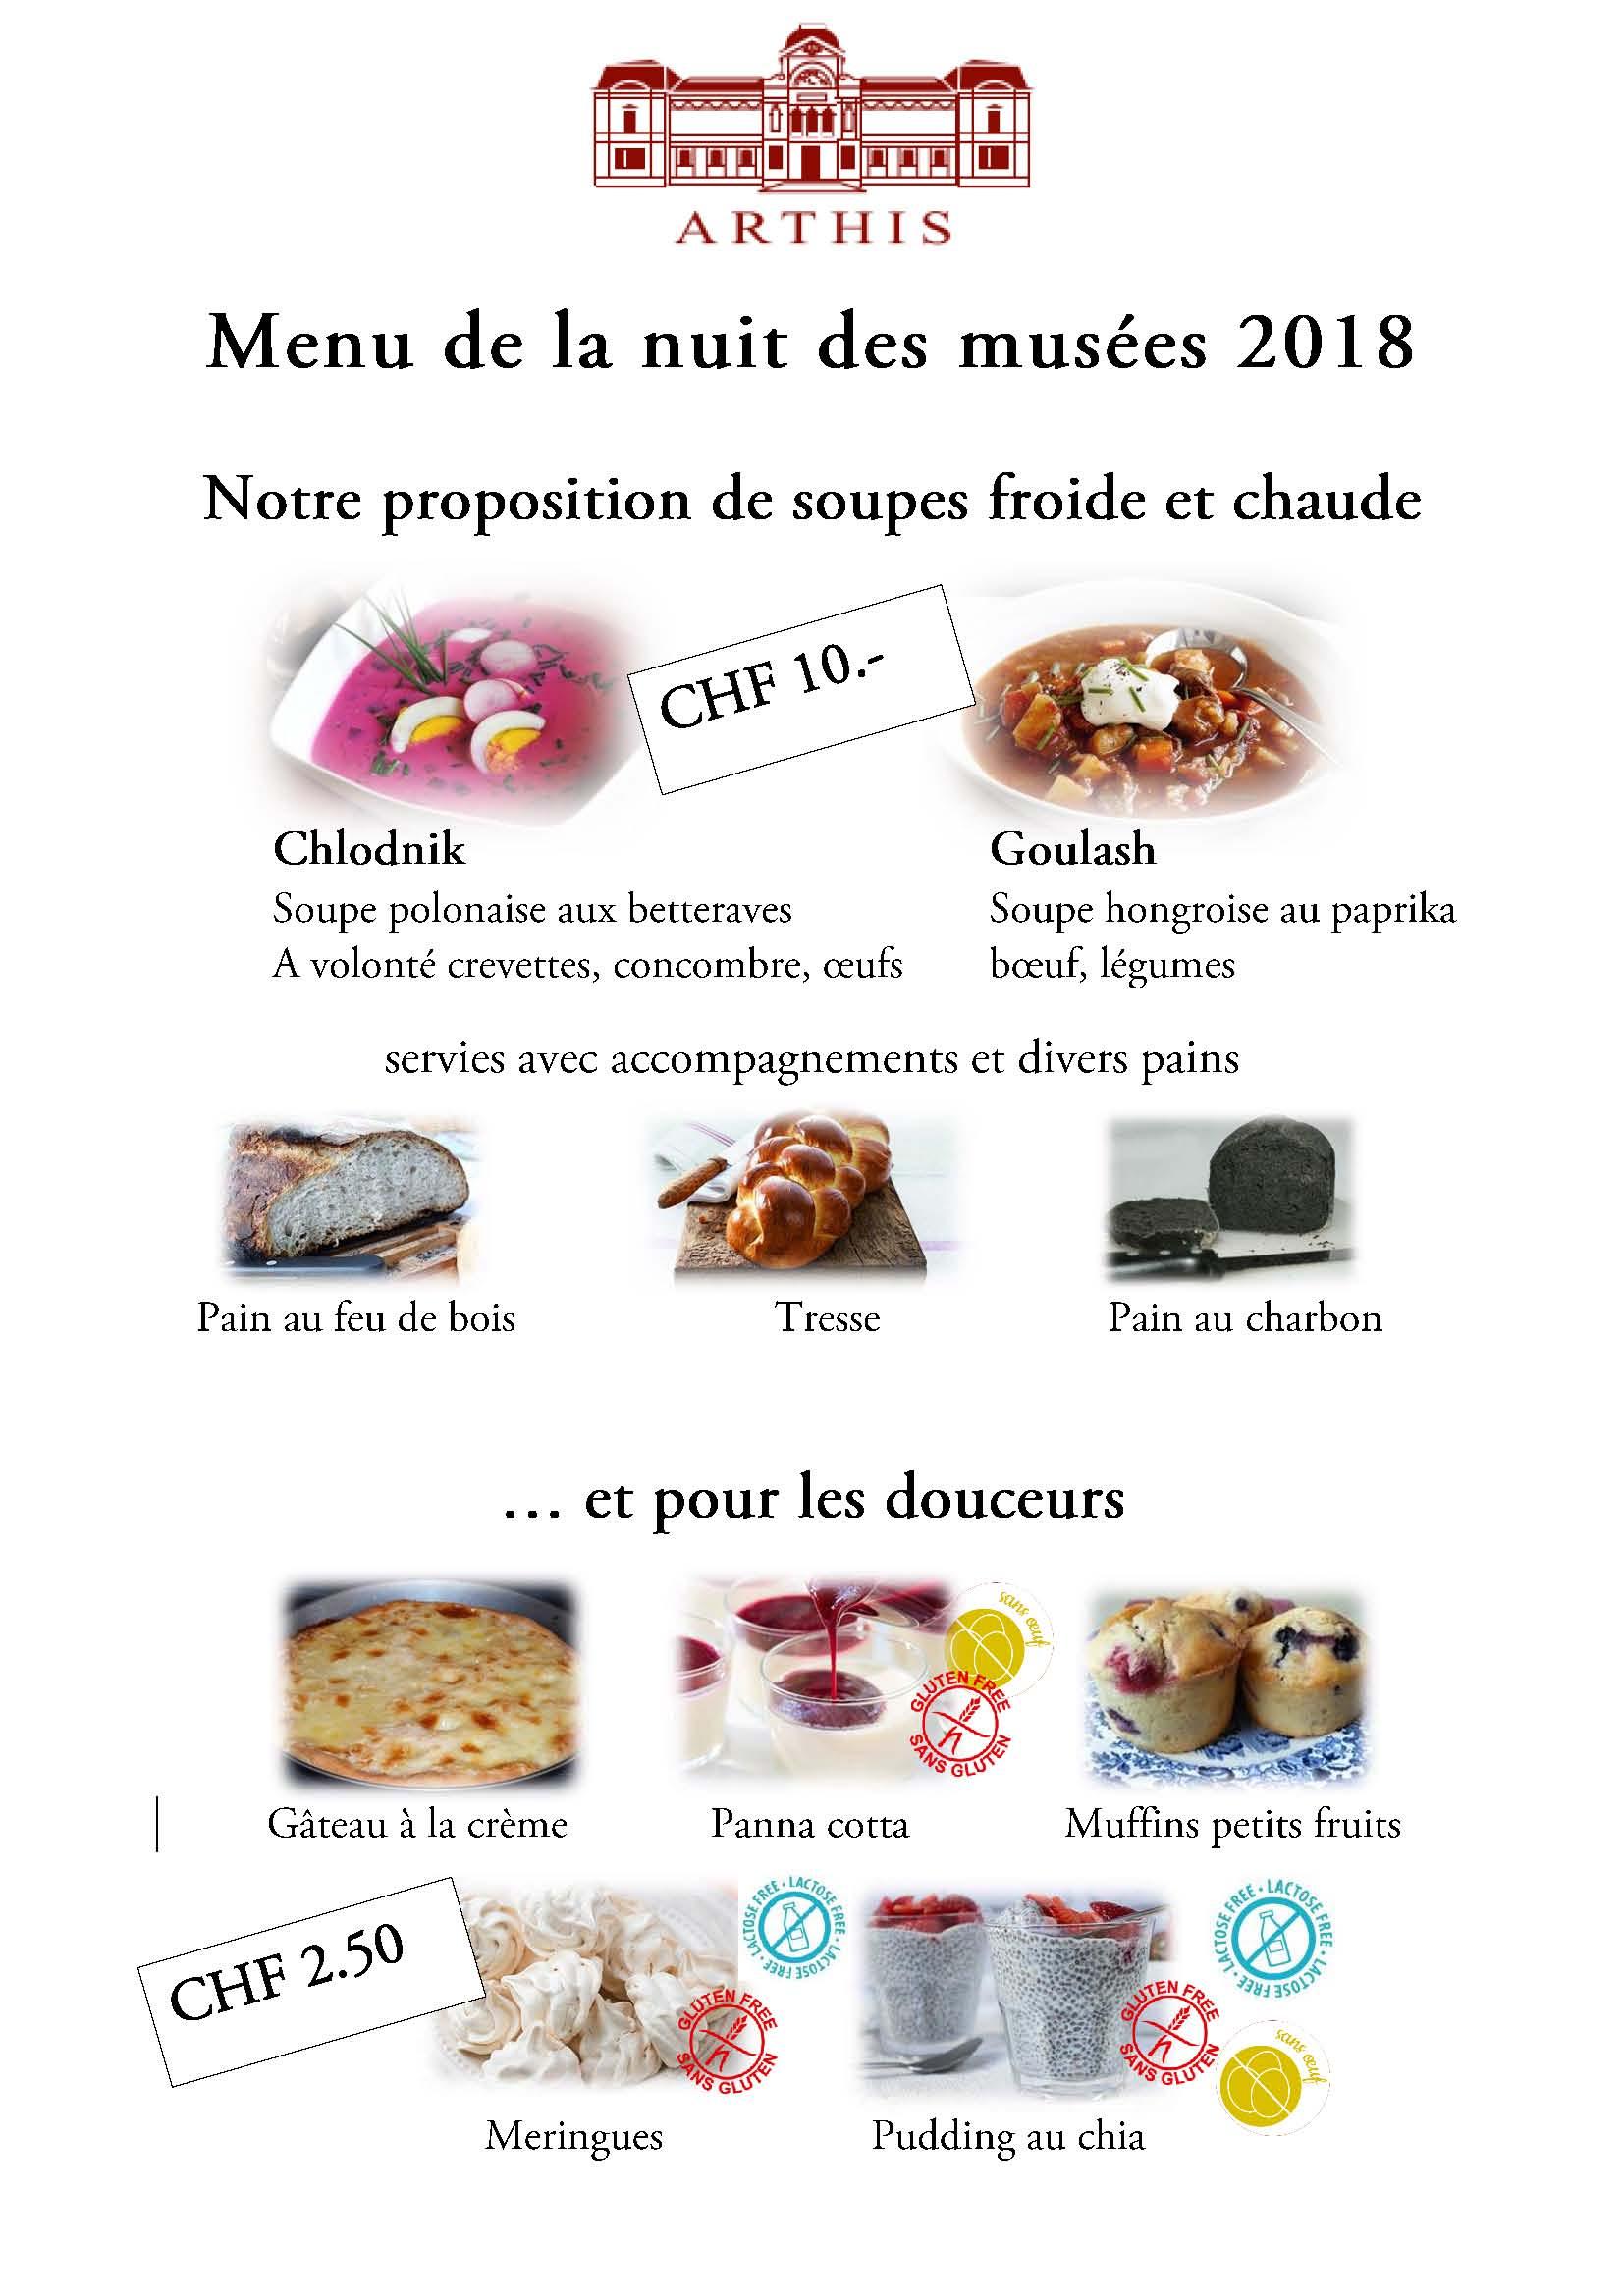 Carte menu NdM 2018.jpg